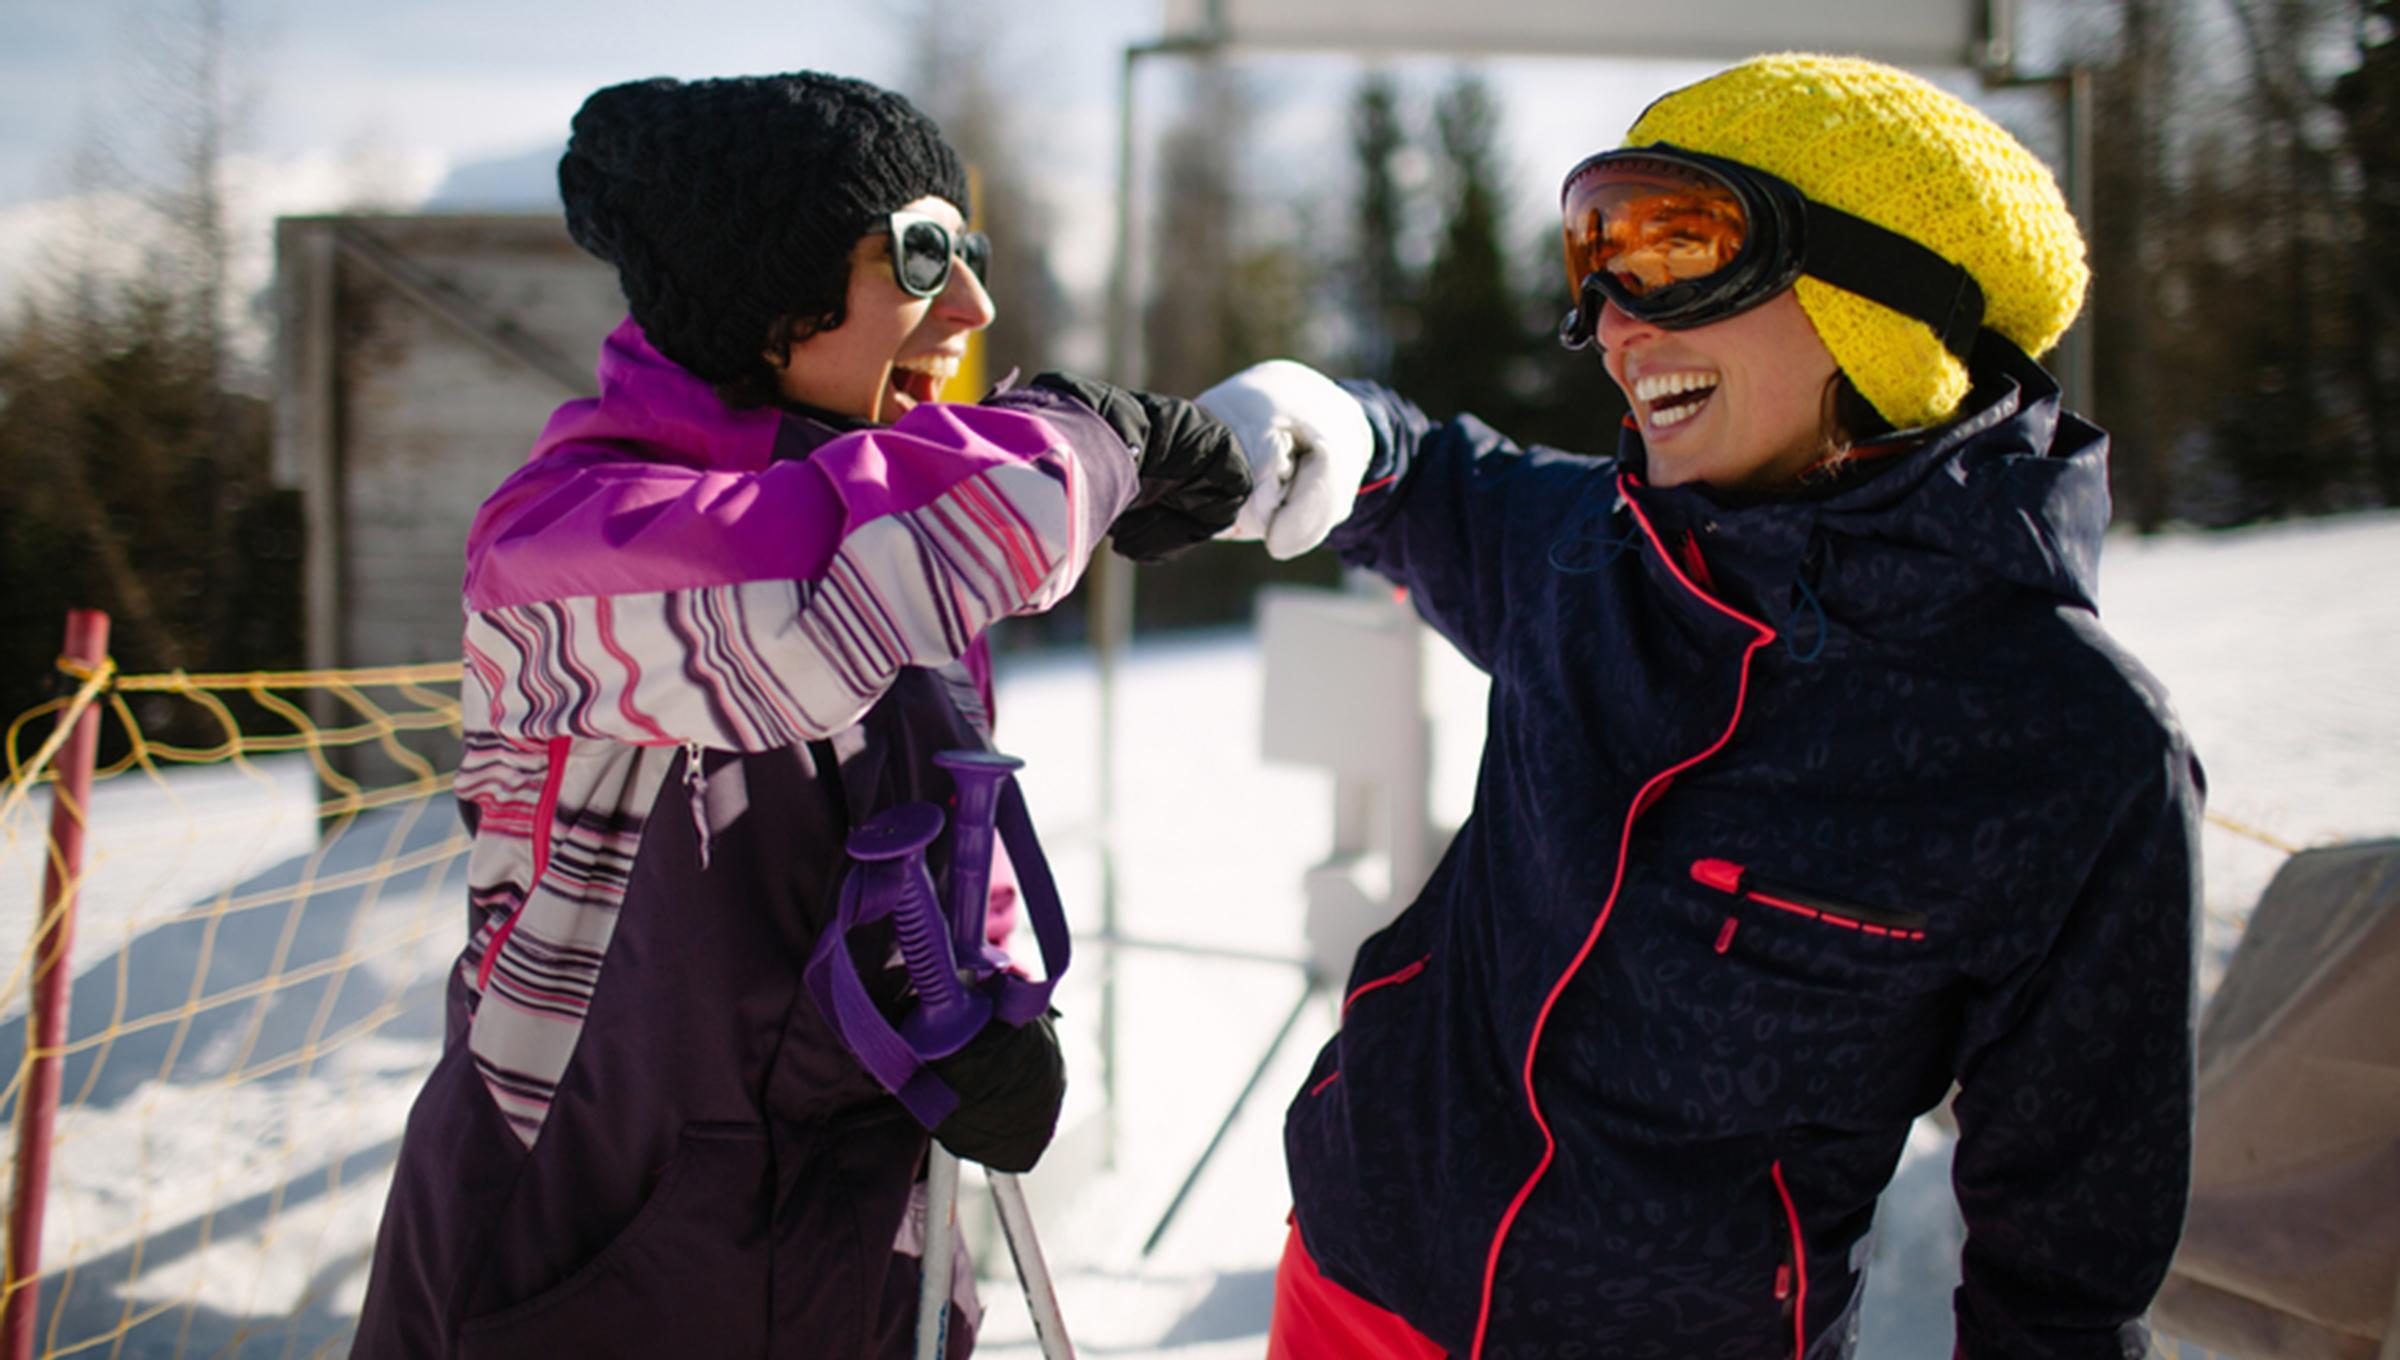 skiworkout.jpg